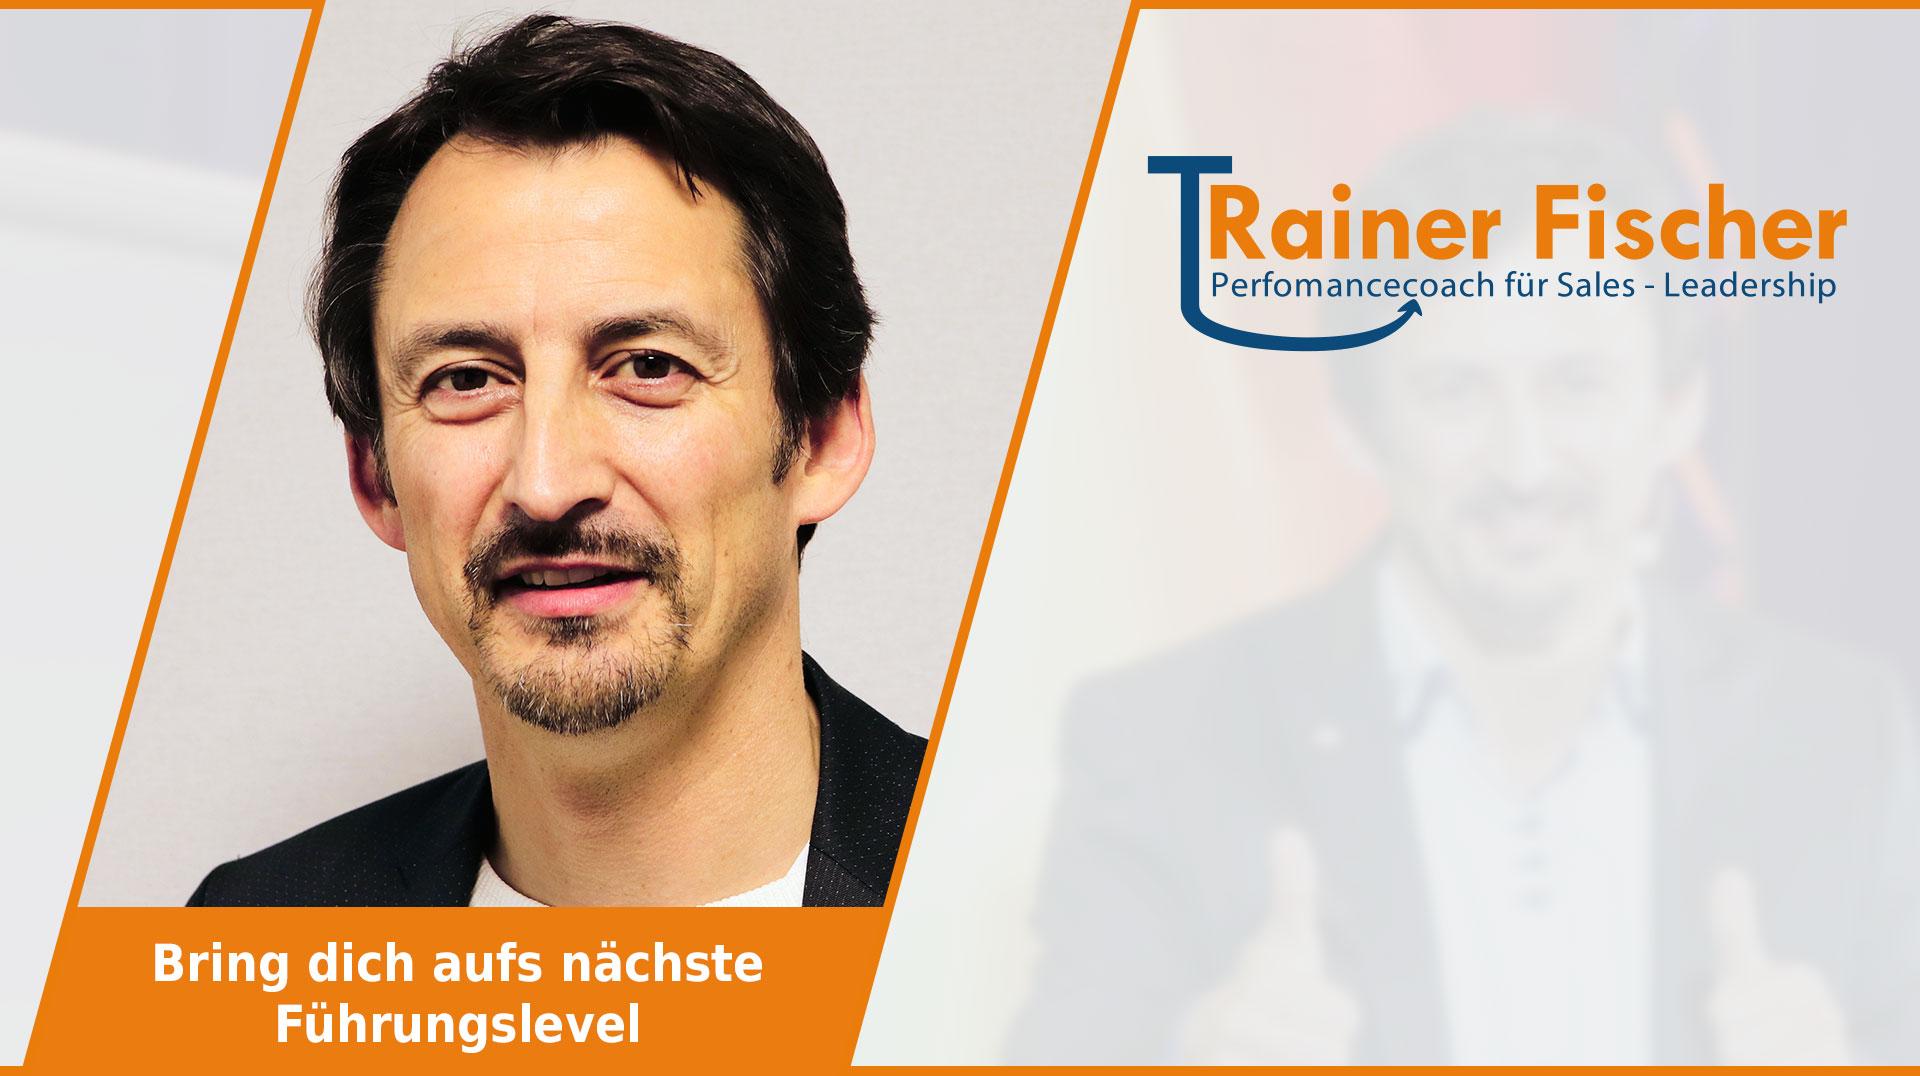 Trainer Fischer - Perfomancecoach - Leadership